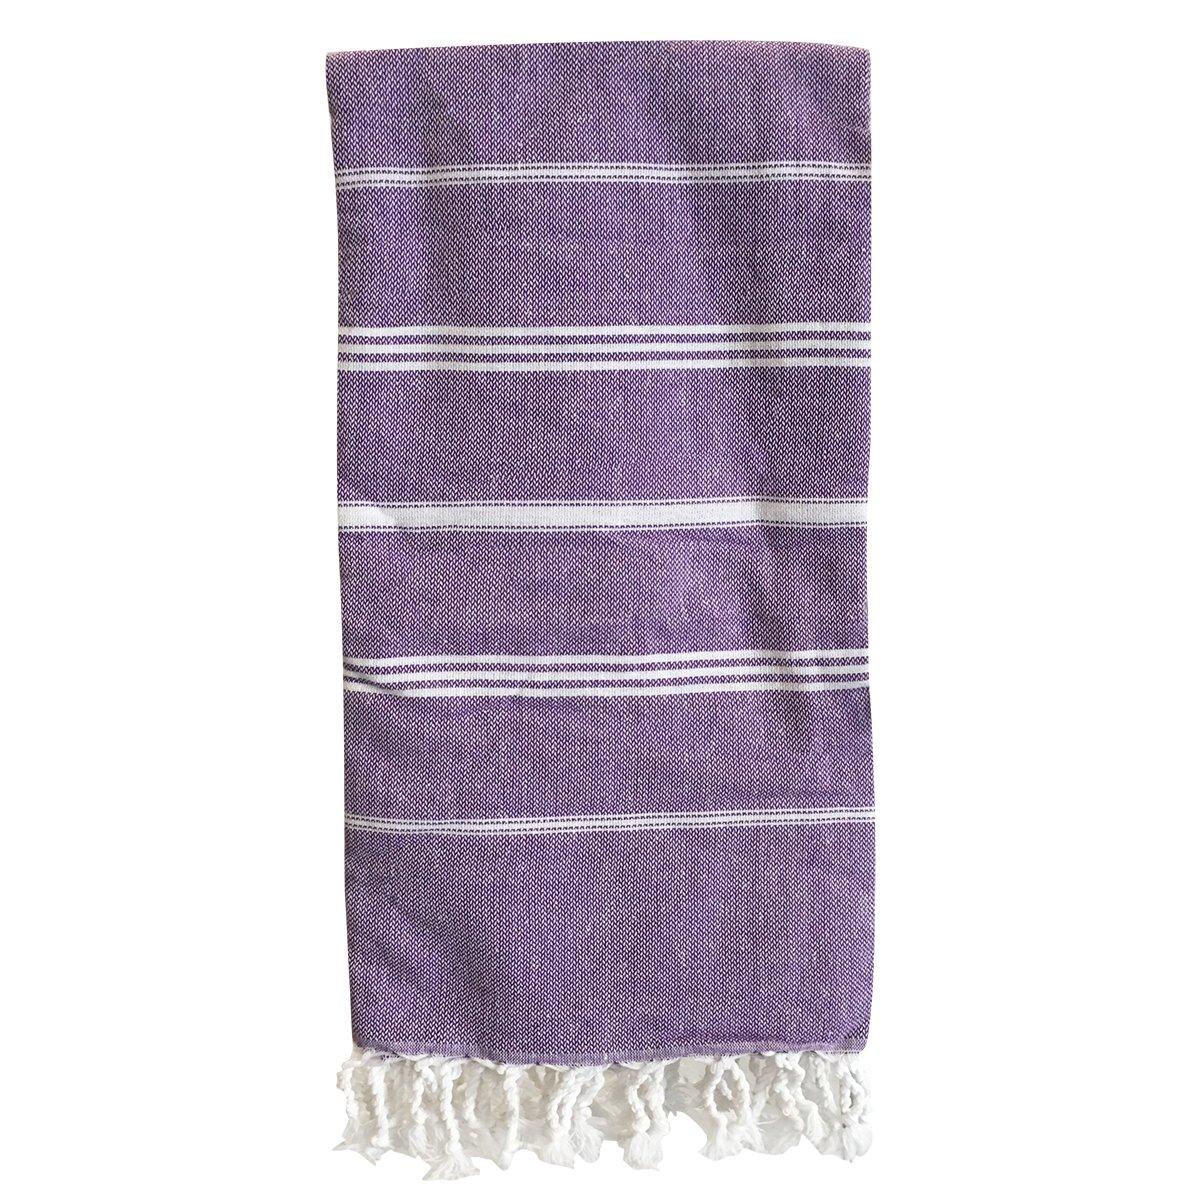 fitlit toallas de baño turco de, 39 x 71 cm, Hippie, Picnic manta, toalla de baño esterilla de yoga: Amazon.es: Hogar